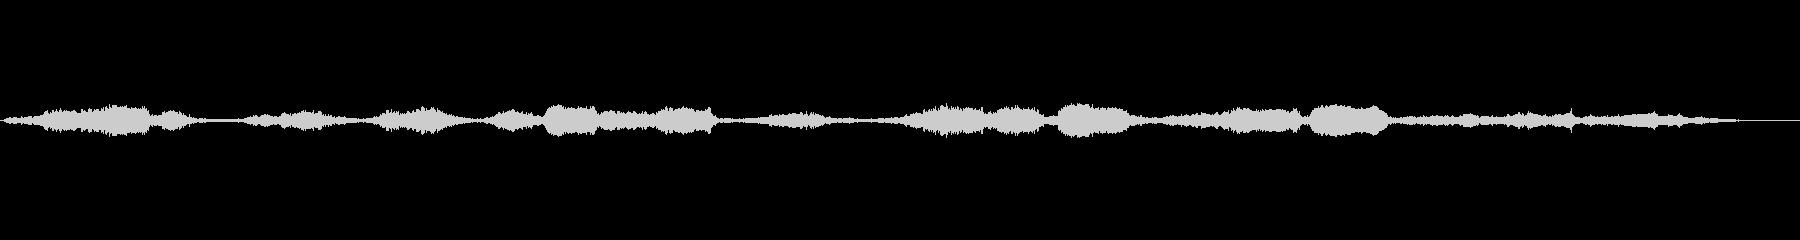 ストックヤード:ムーイング、アニマ...の未再生の波形